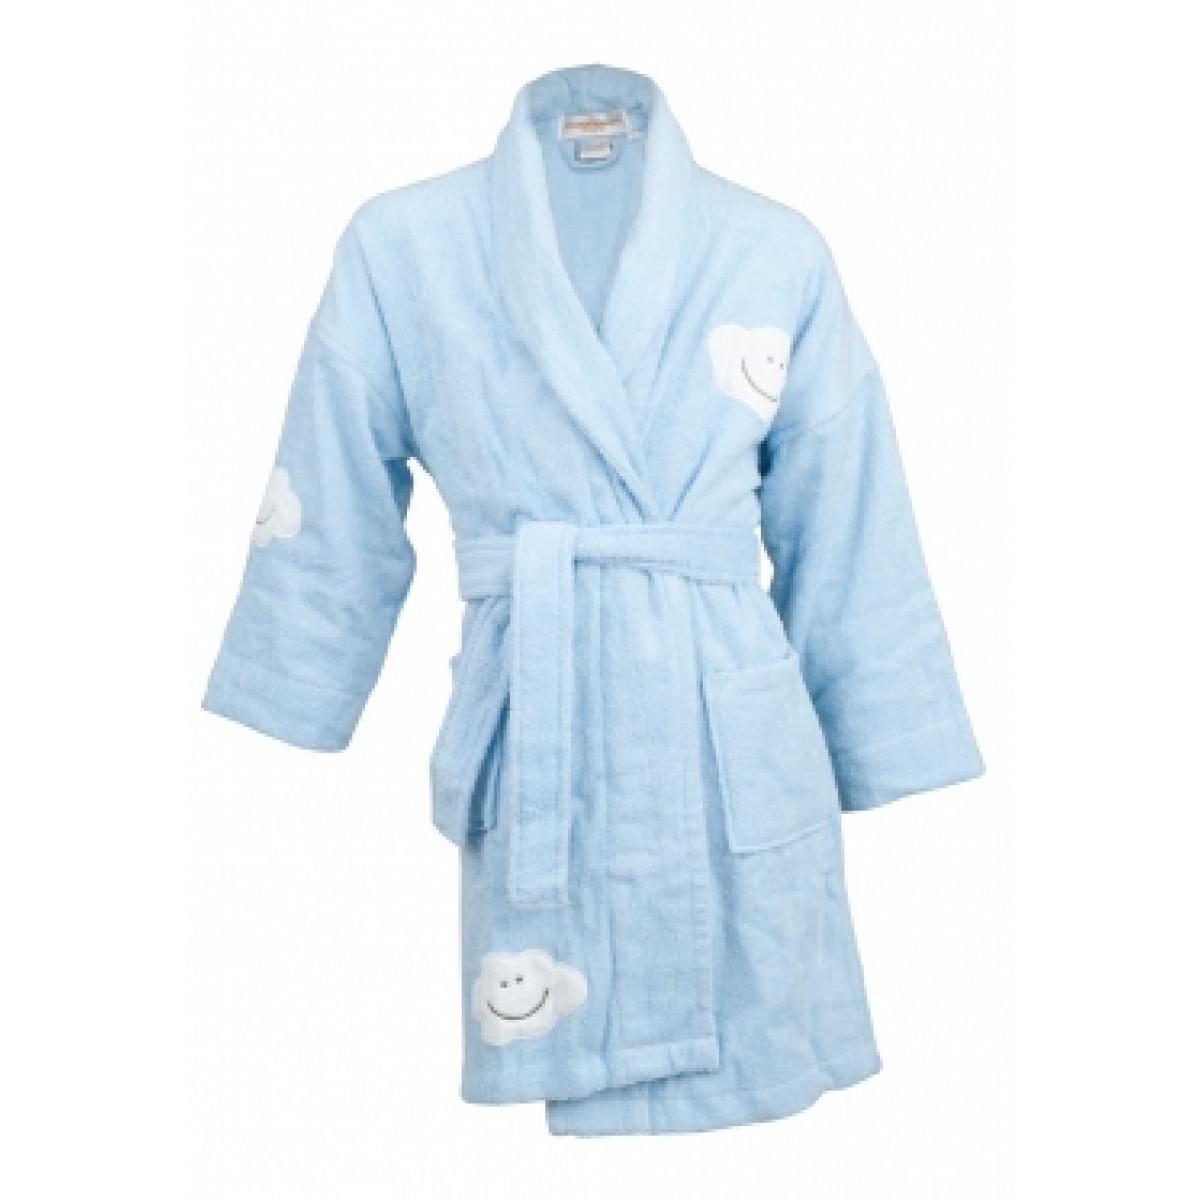 Kinder badjas met wolkjes / kinderbadjassen